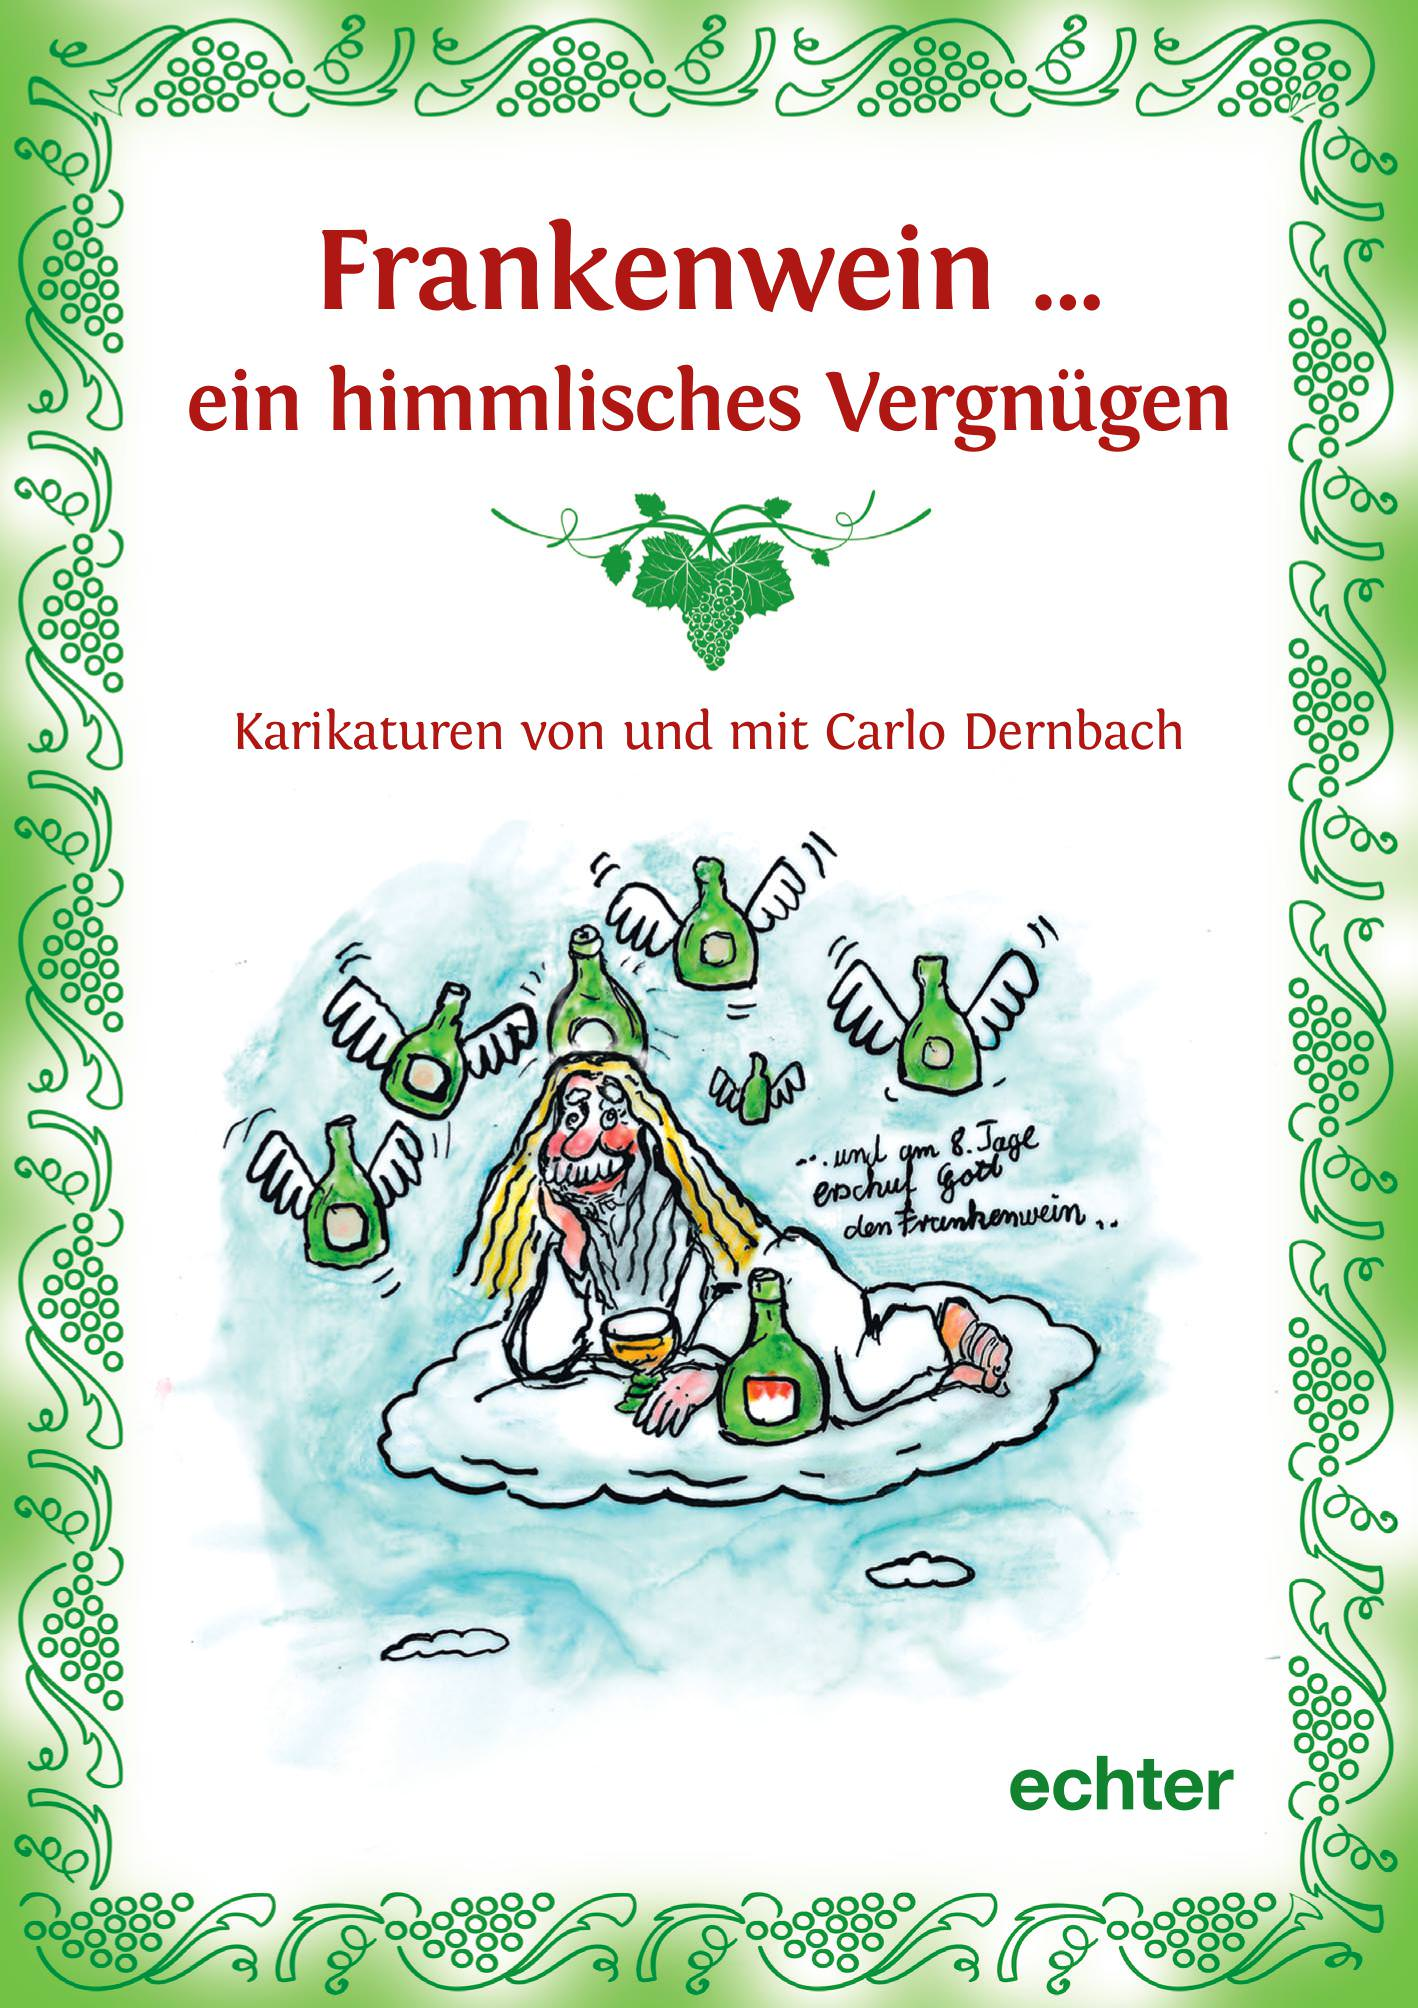 Dernbach Carlo - Frankenwein ... ein himmlisches Vergnügen